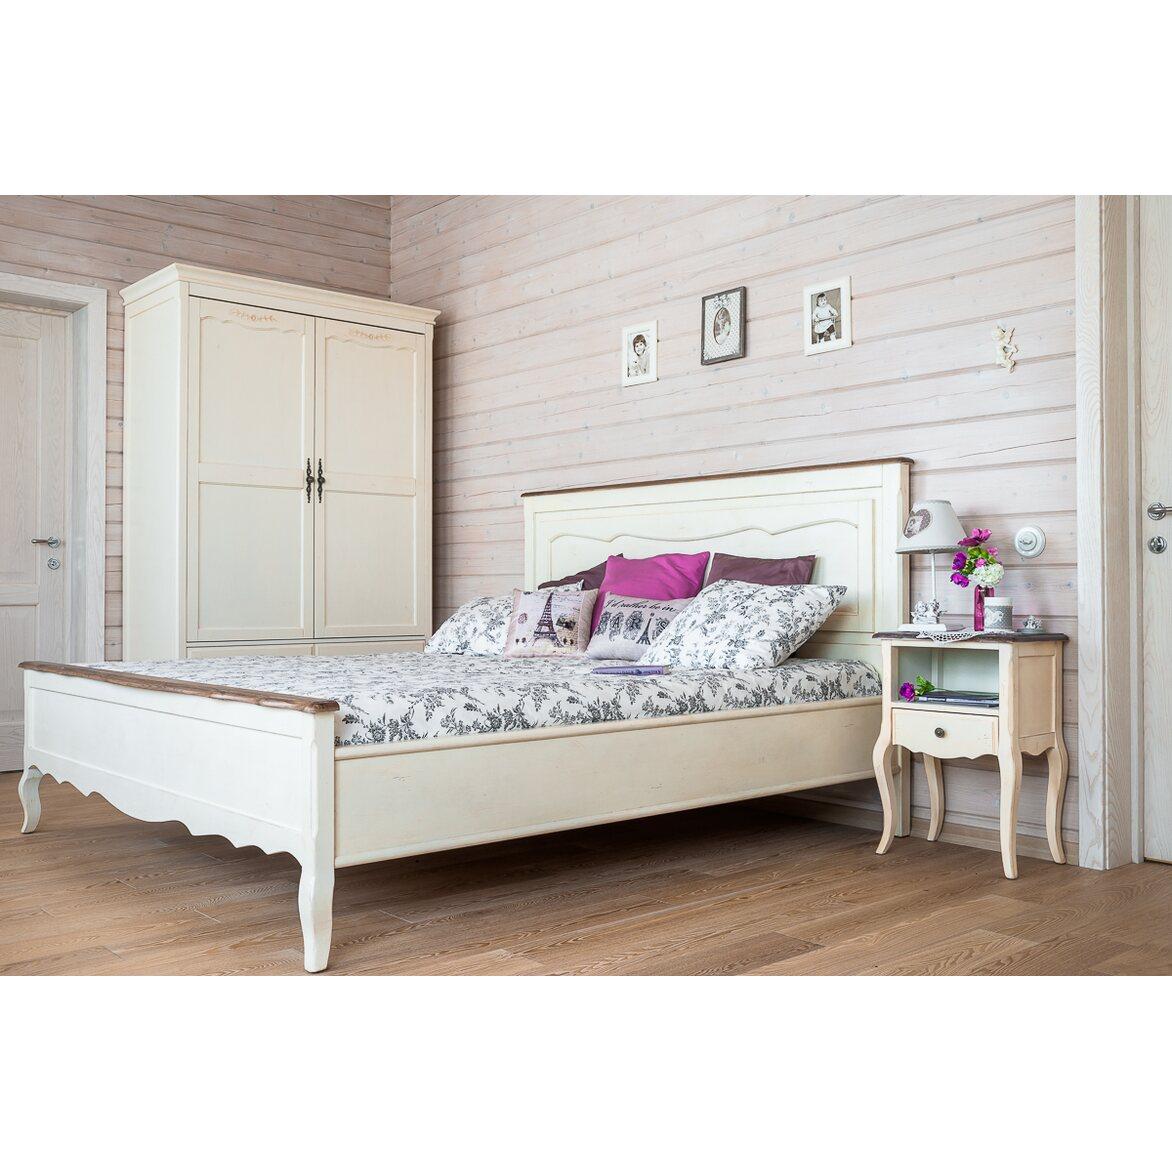 Кровать двуспальная 160*200 Leontina, бежевого цвета 2   Двуспальные кровати Kingsby